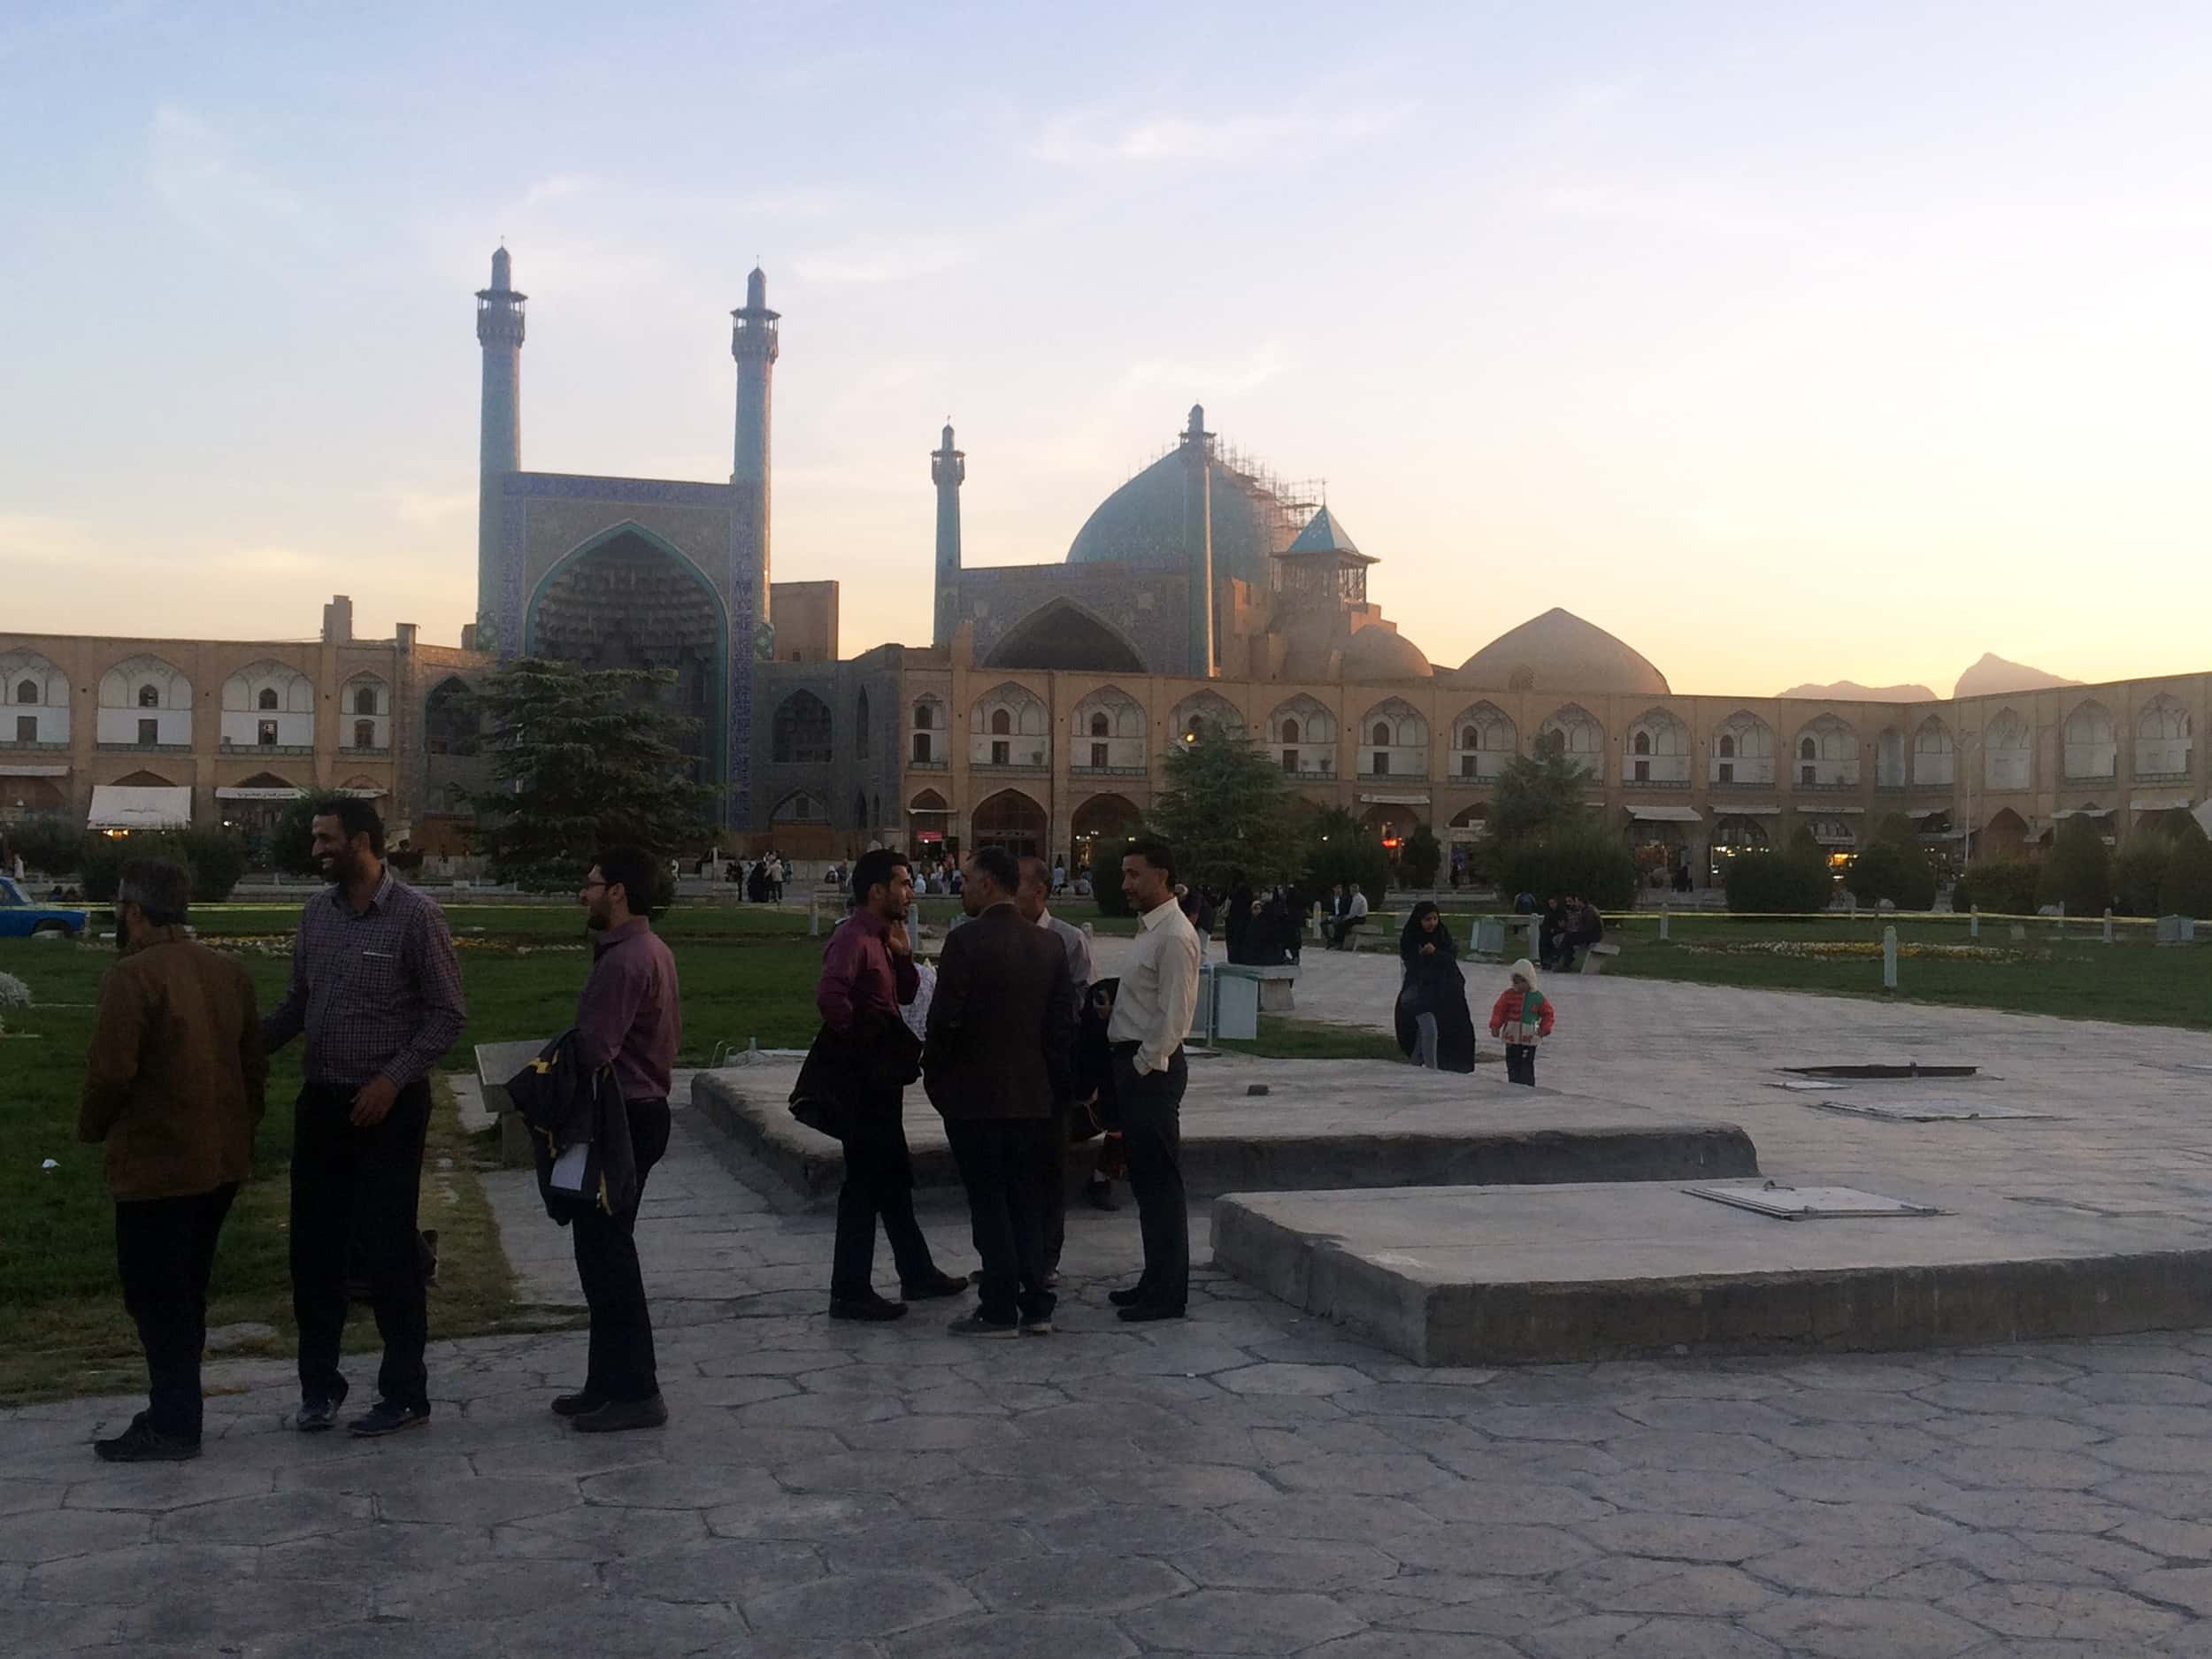 Ісфахан. Площа. Фото 6